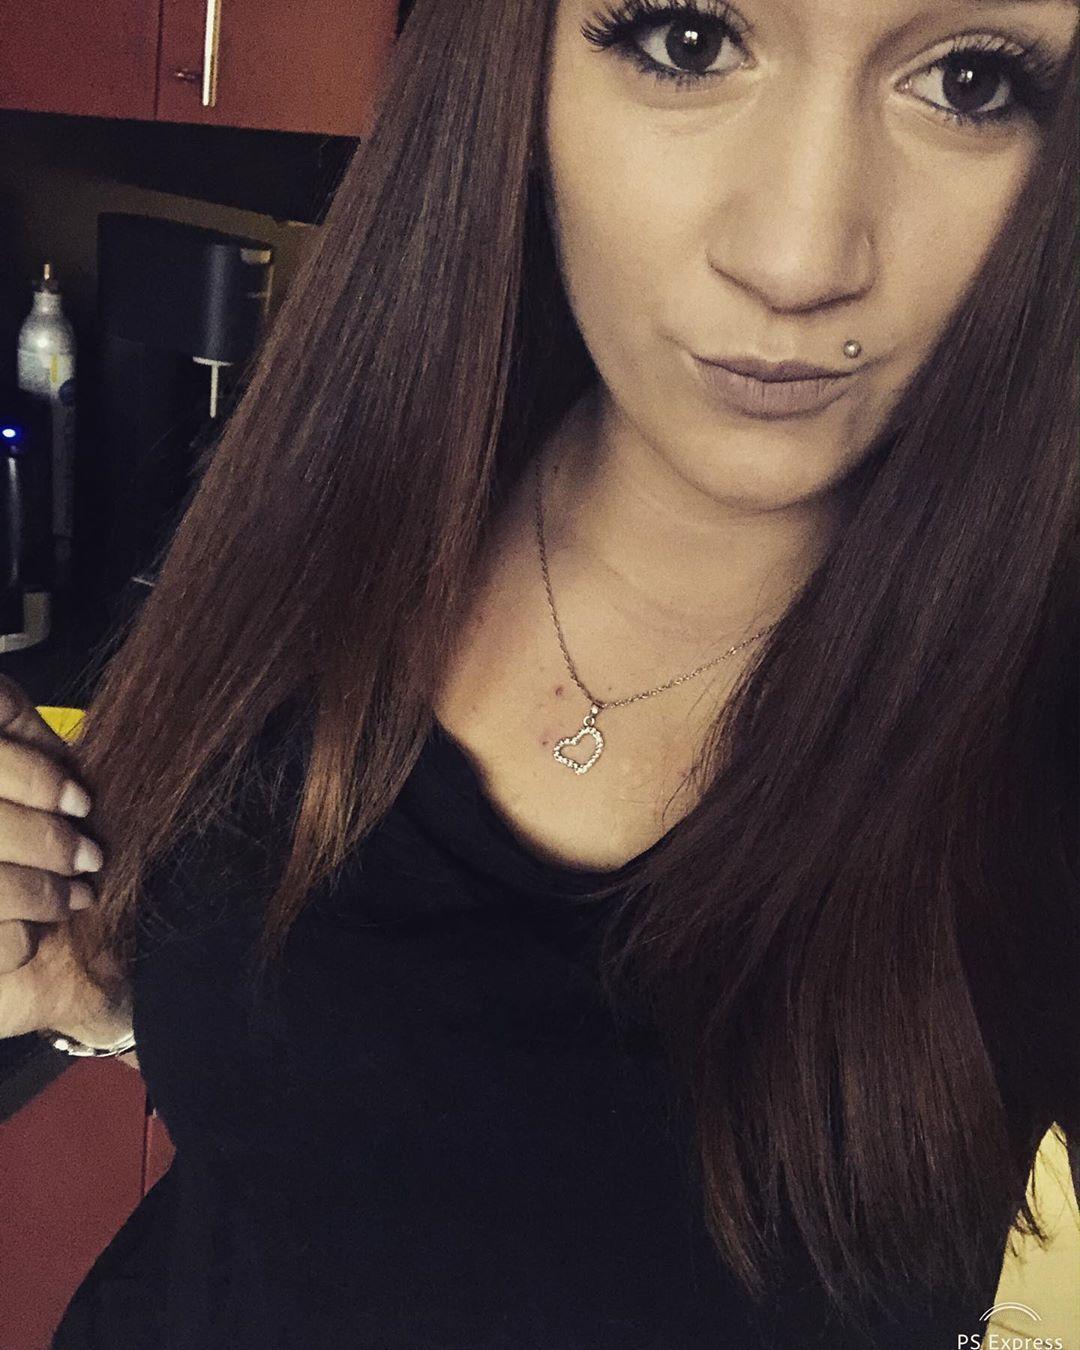 Czechgirl Czech Girl Brownhair Brunette Piercing Tattoogirl